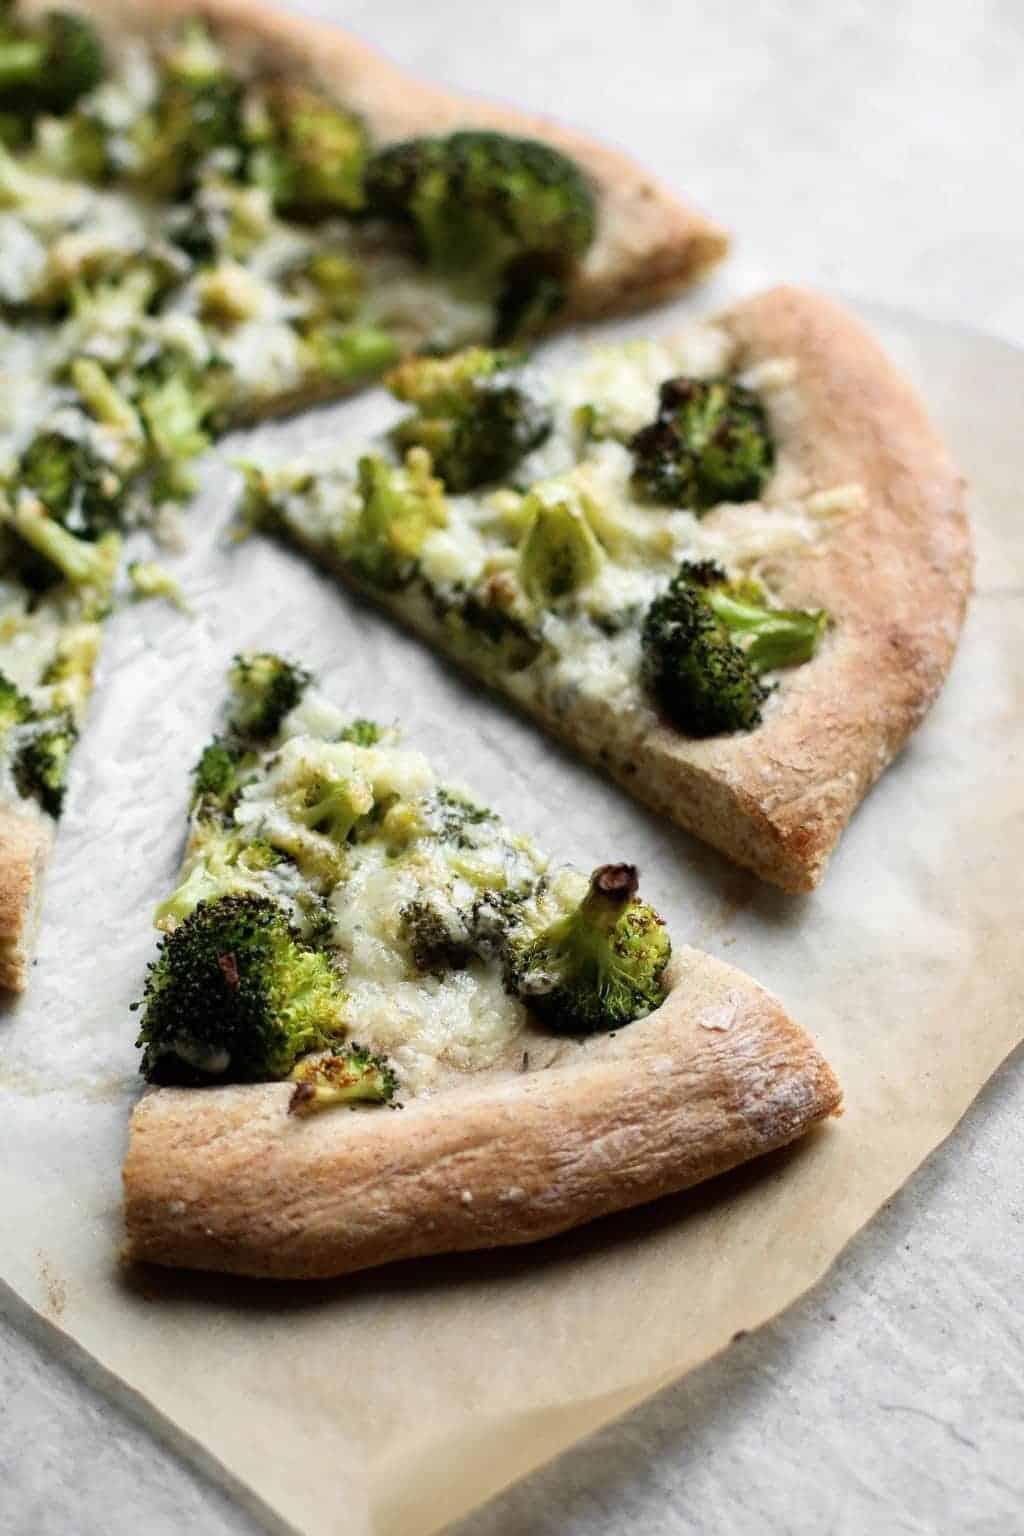 Whole Wheat Broccoli Cheddar Pizza